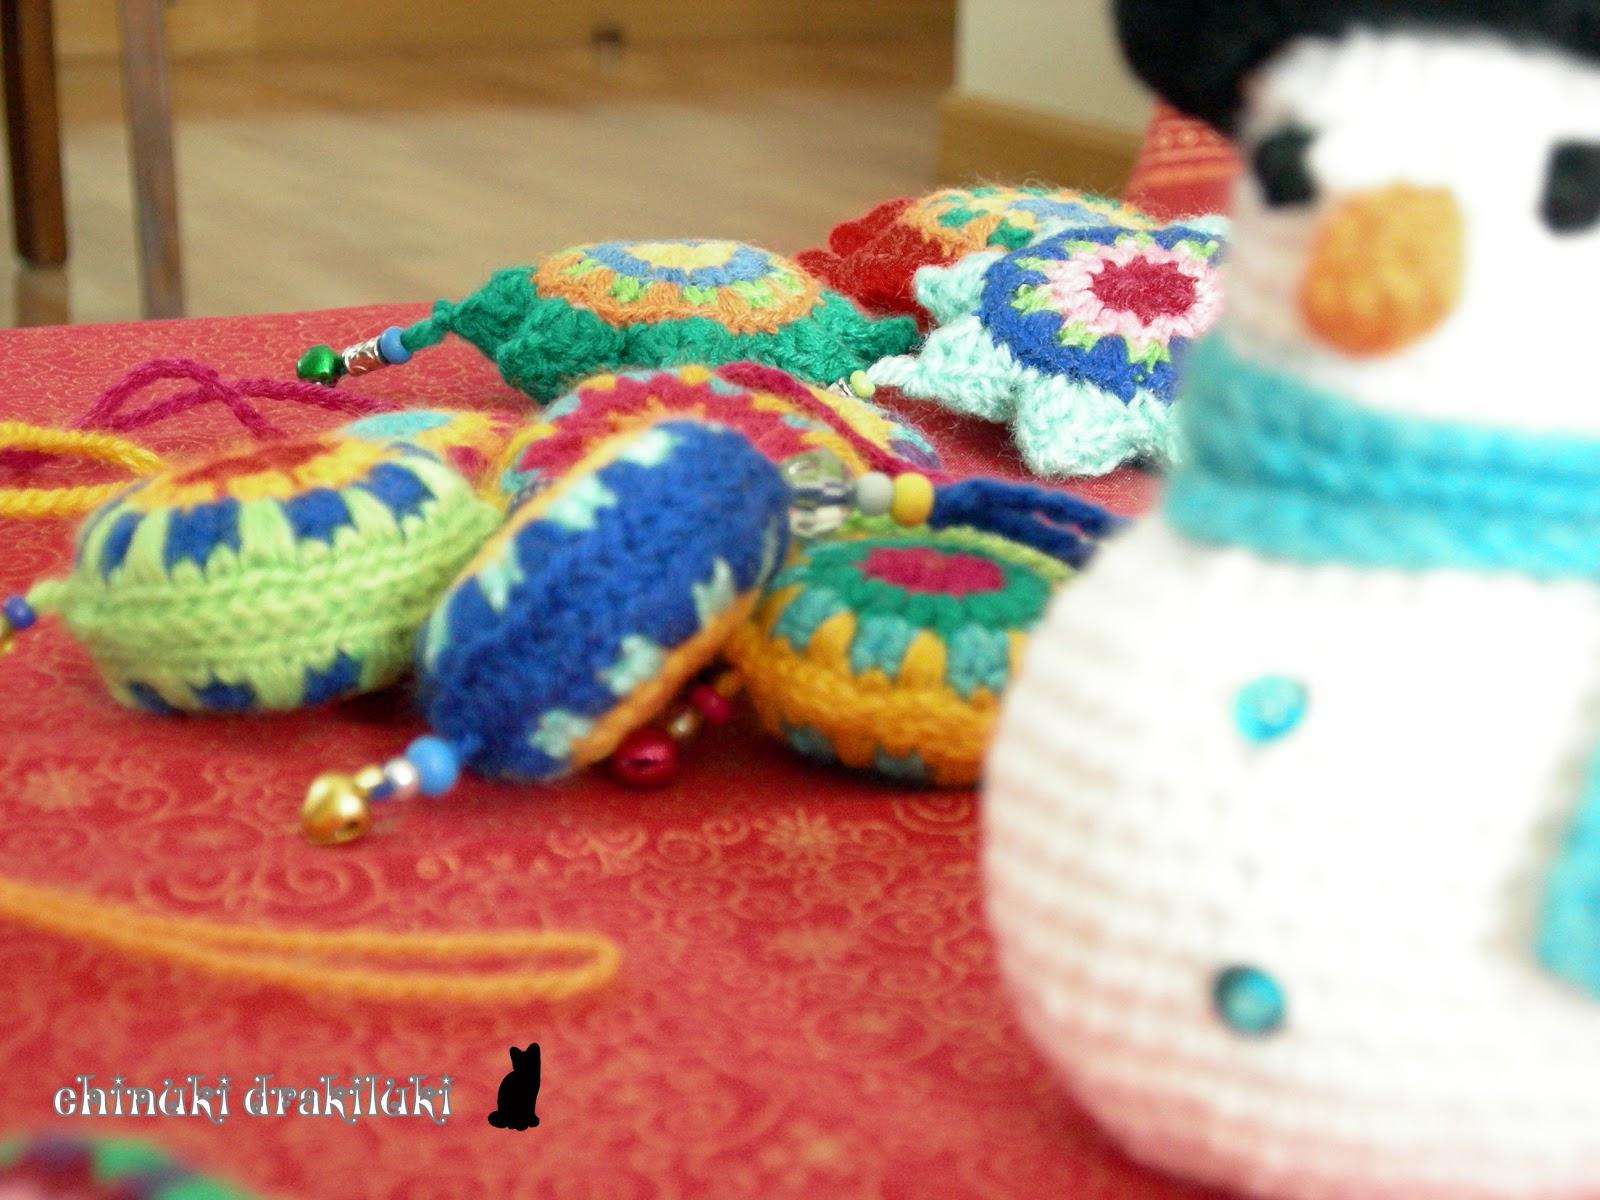 el diario del chinuki drakiluki: Preparando la Navidad